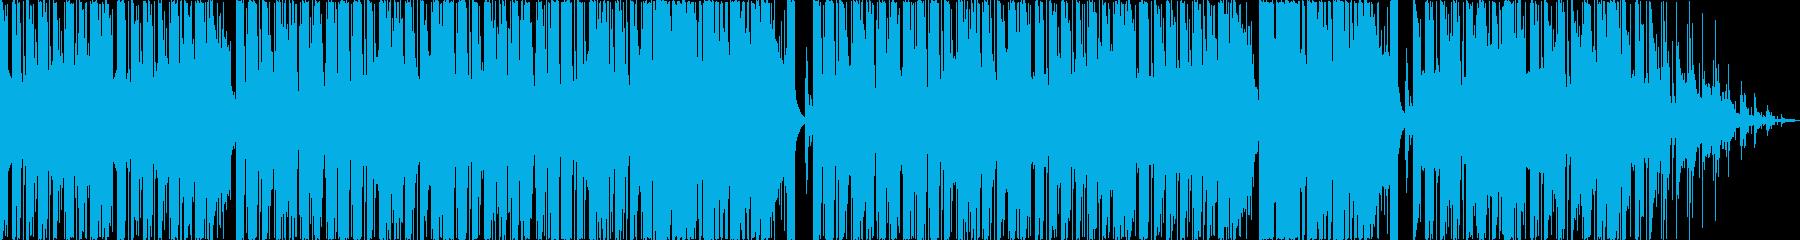 マリンバとピッチカートが可愛い音遊び作品の再生済みの波形